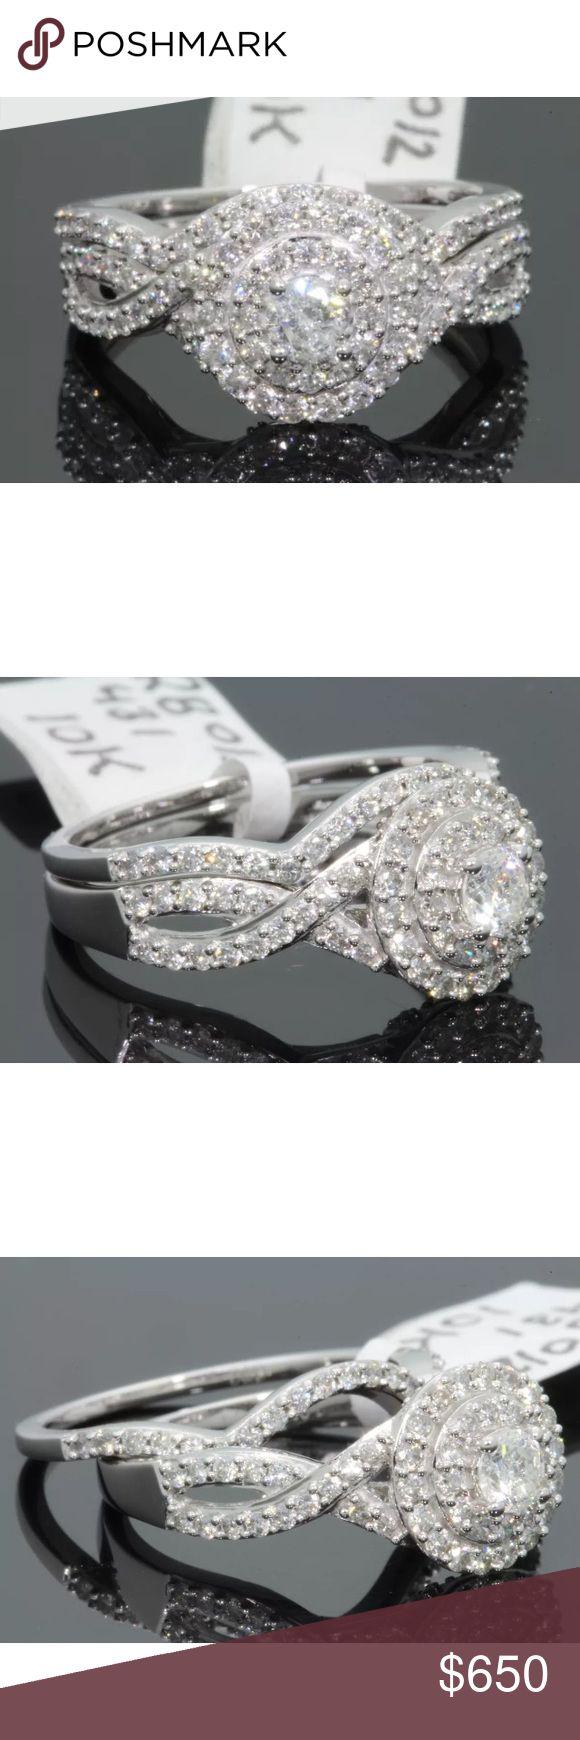 Gorgeous 1.10 carat 10kwhite gold diamond ring set Gorgeous 1.10 carat 10kwhite gold diamond ring set Jewelry Rings